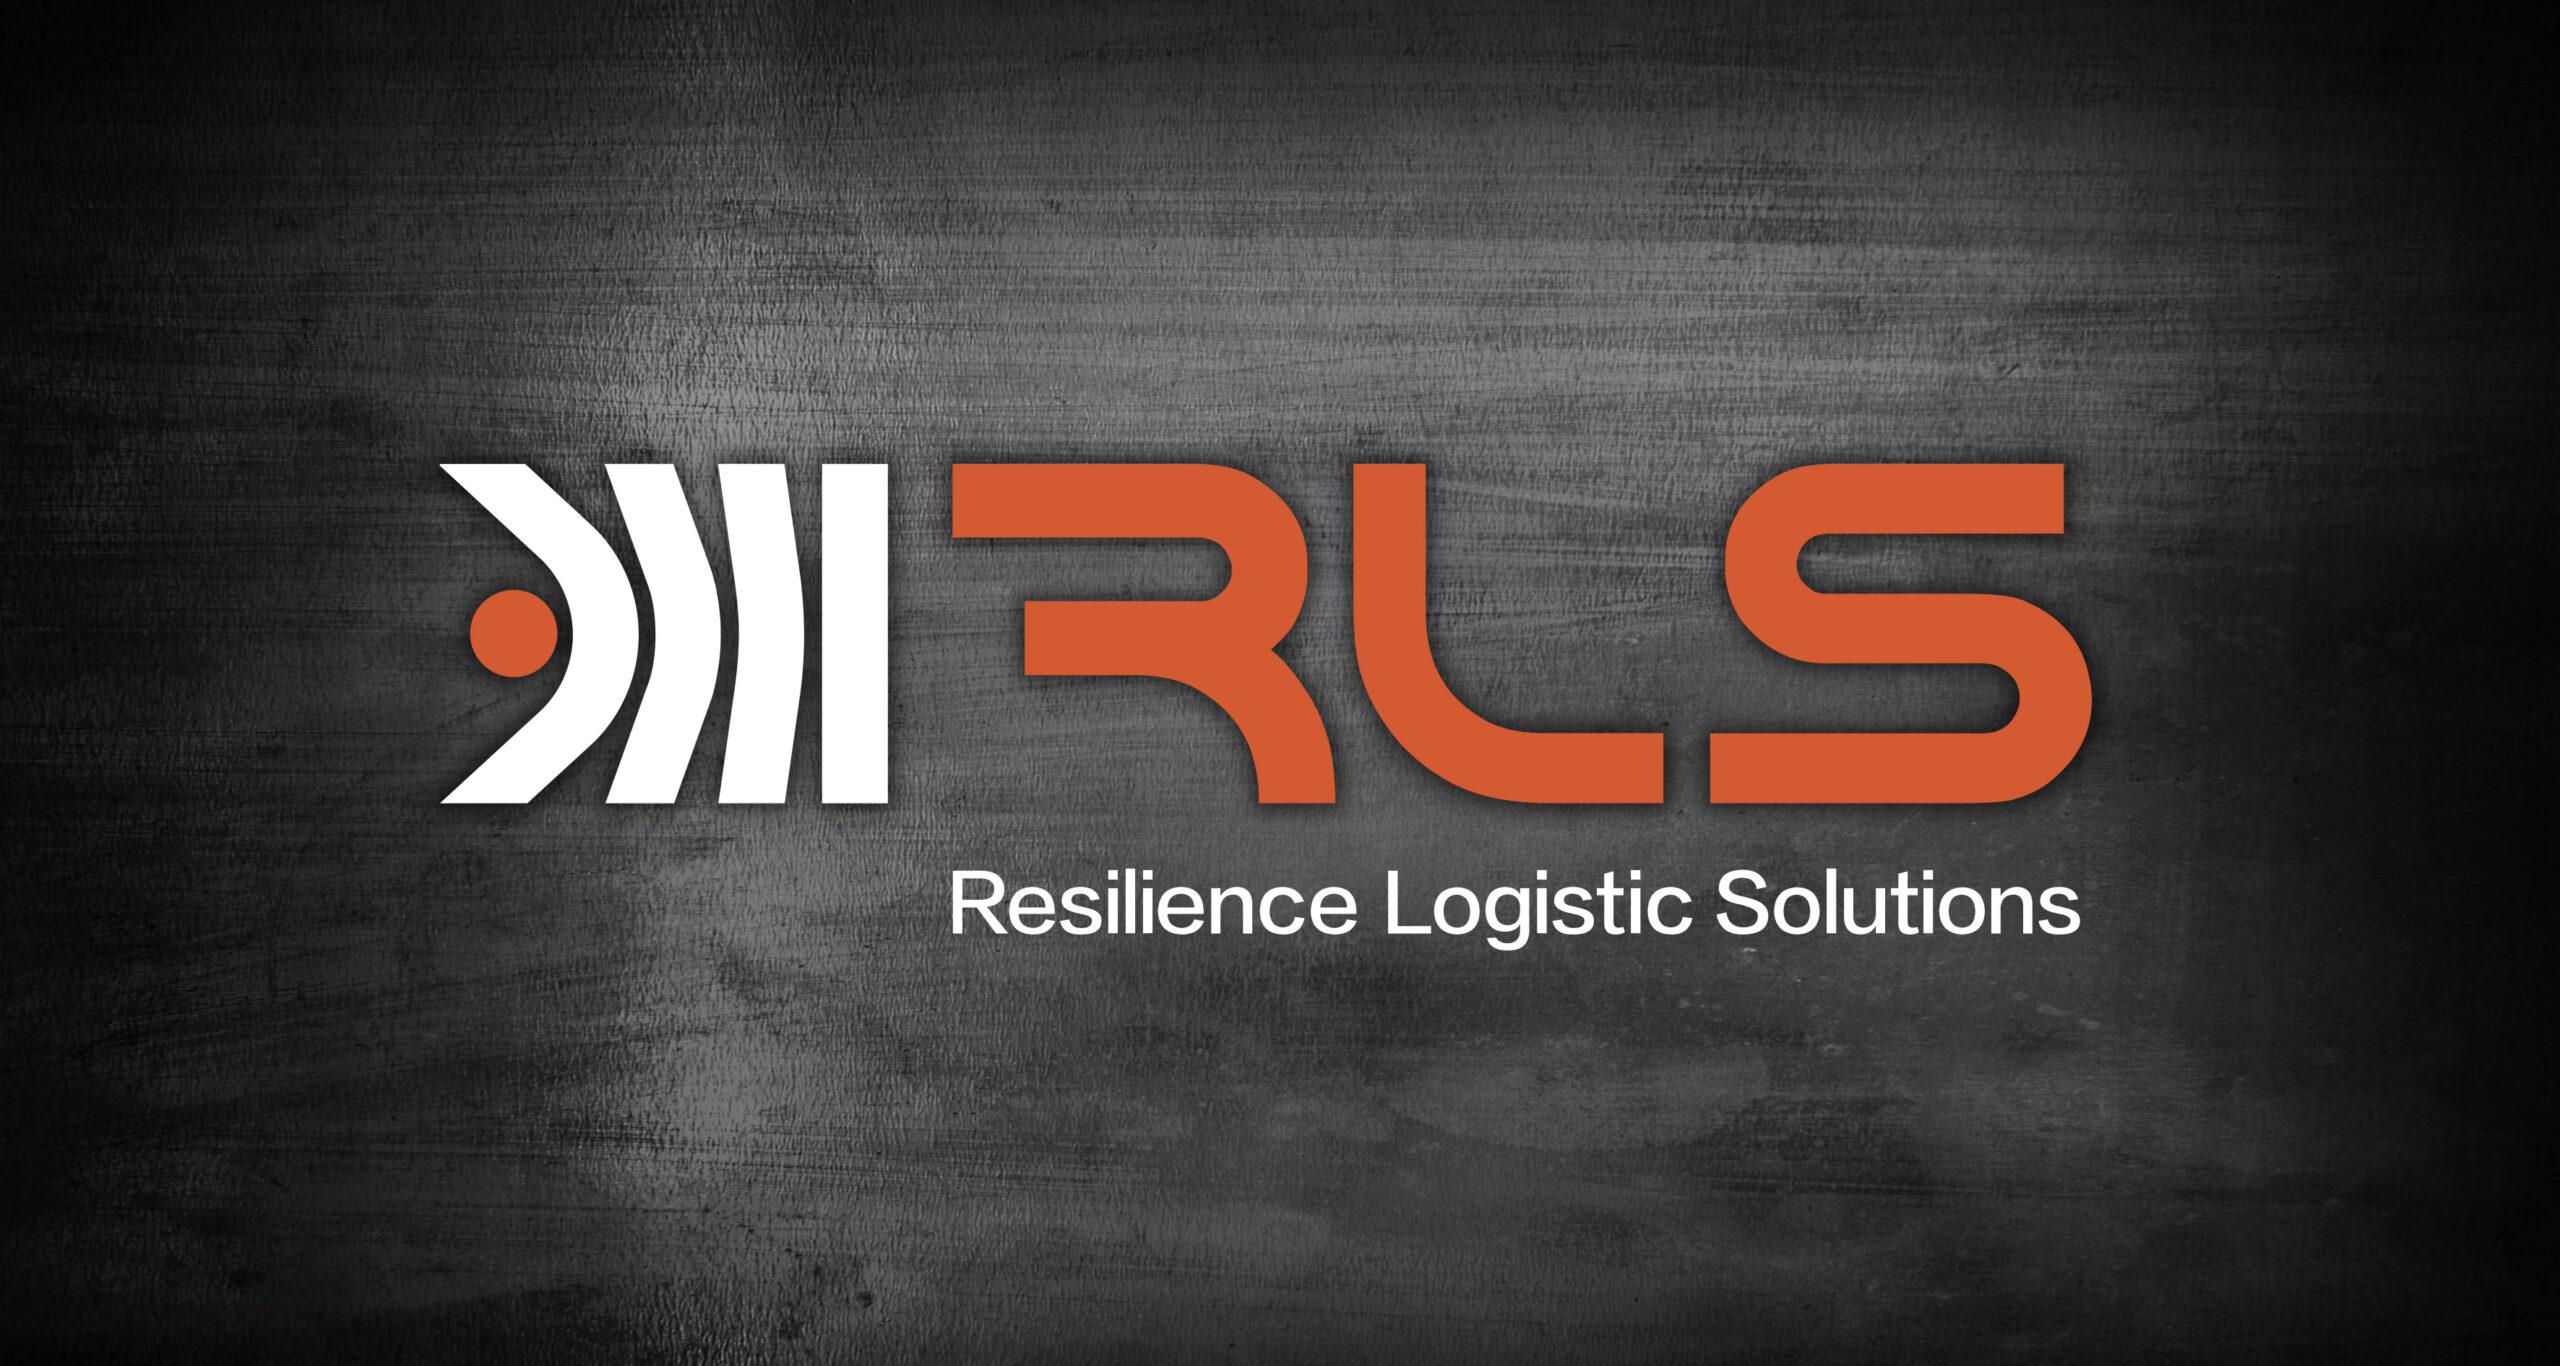 RLS branding